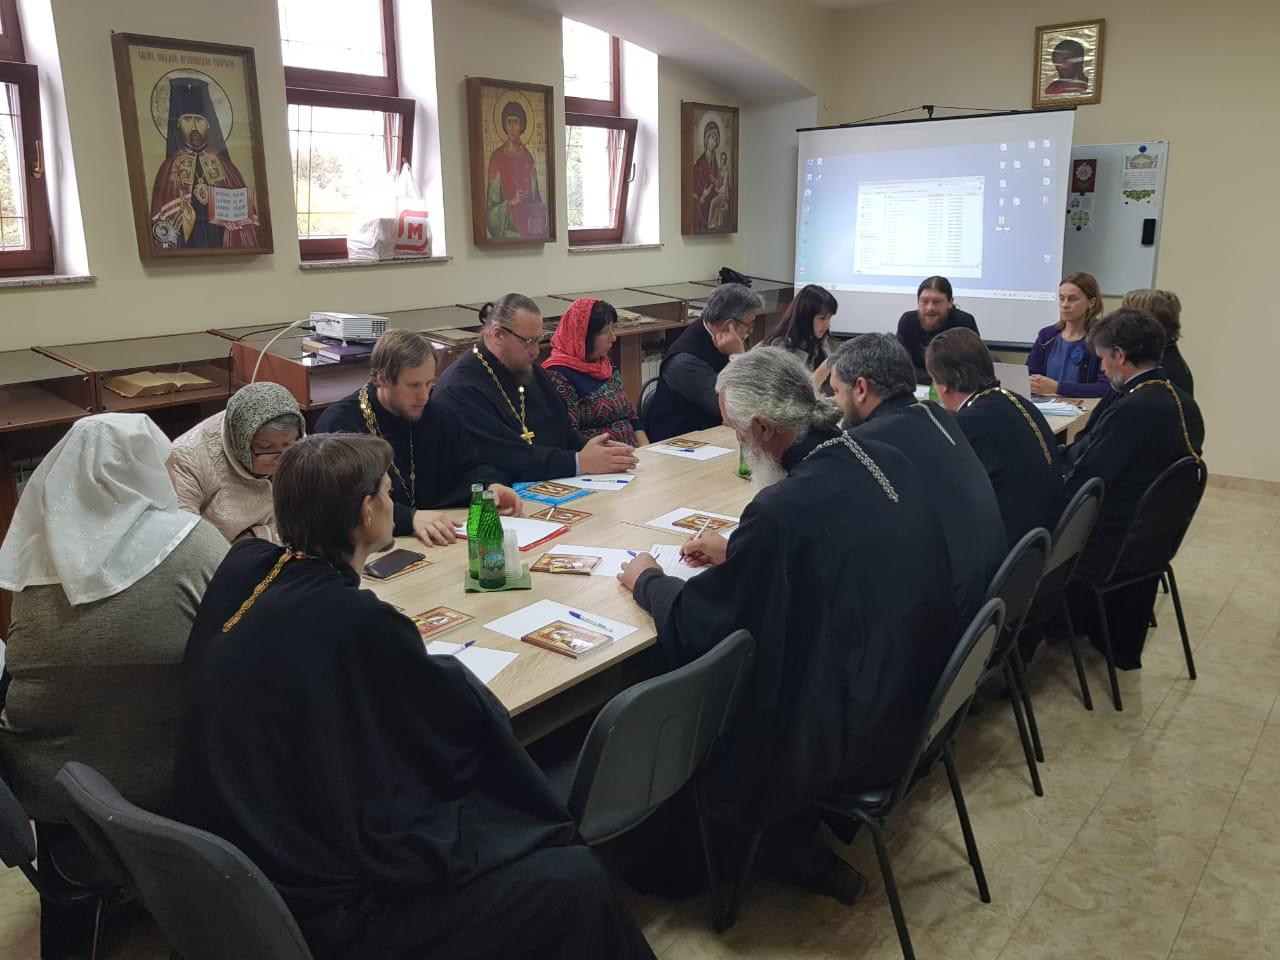 Обучающий семинар для представителей Пятигорской епархии в Кисловодске